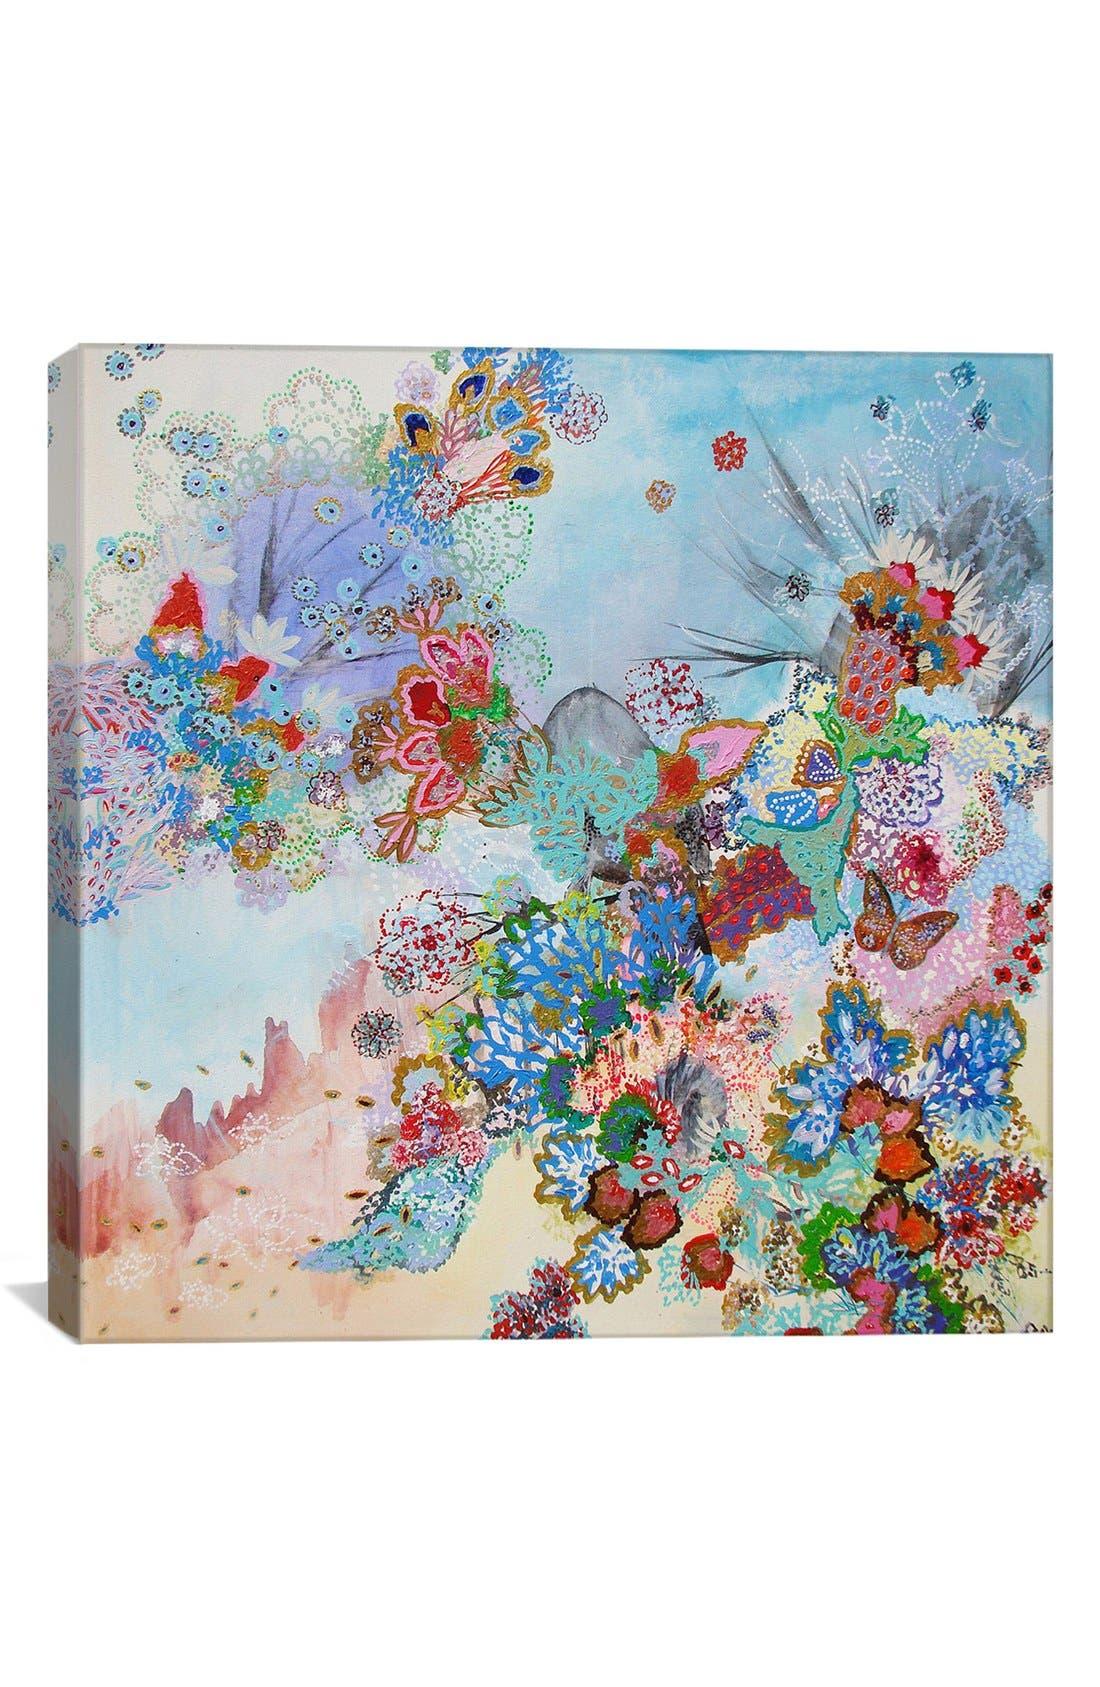 'Ave Fenix - Lia Porto' Giclée Print Canvas Art,                             Main thumbnail 1, color,                             Blue